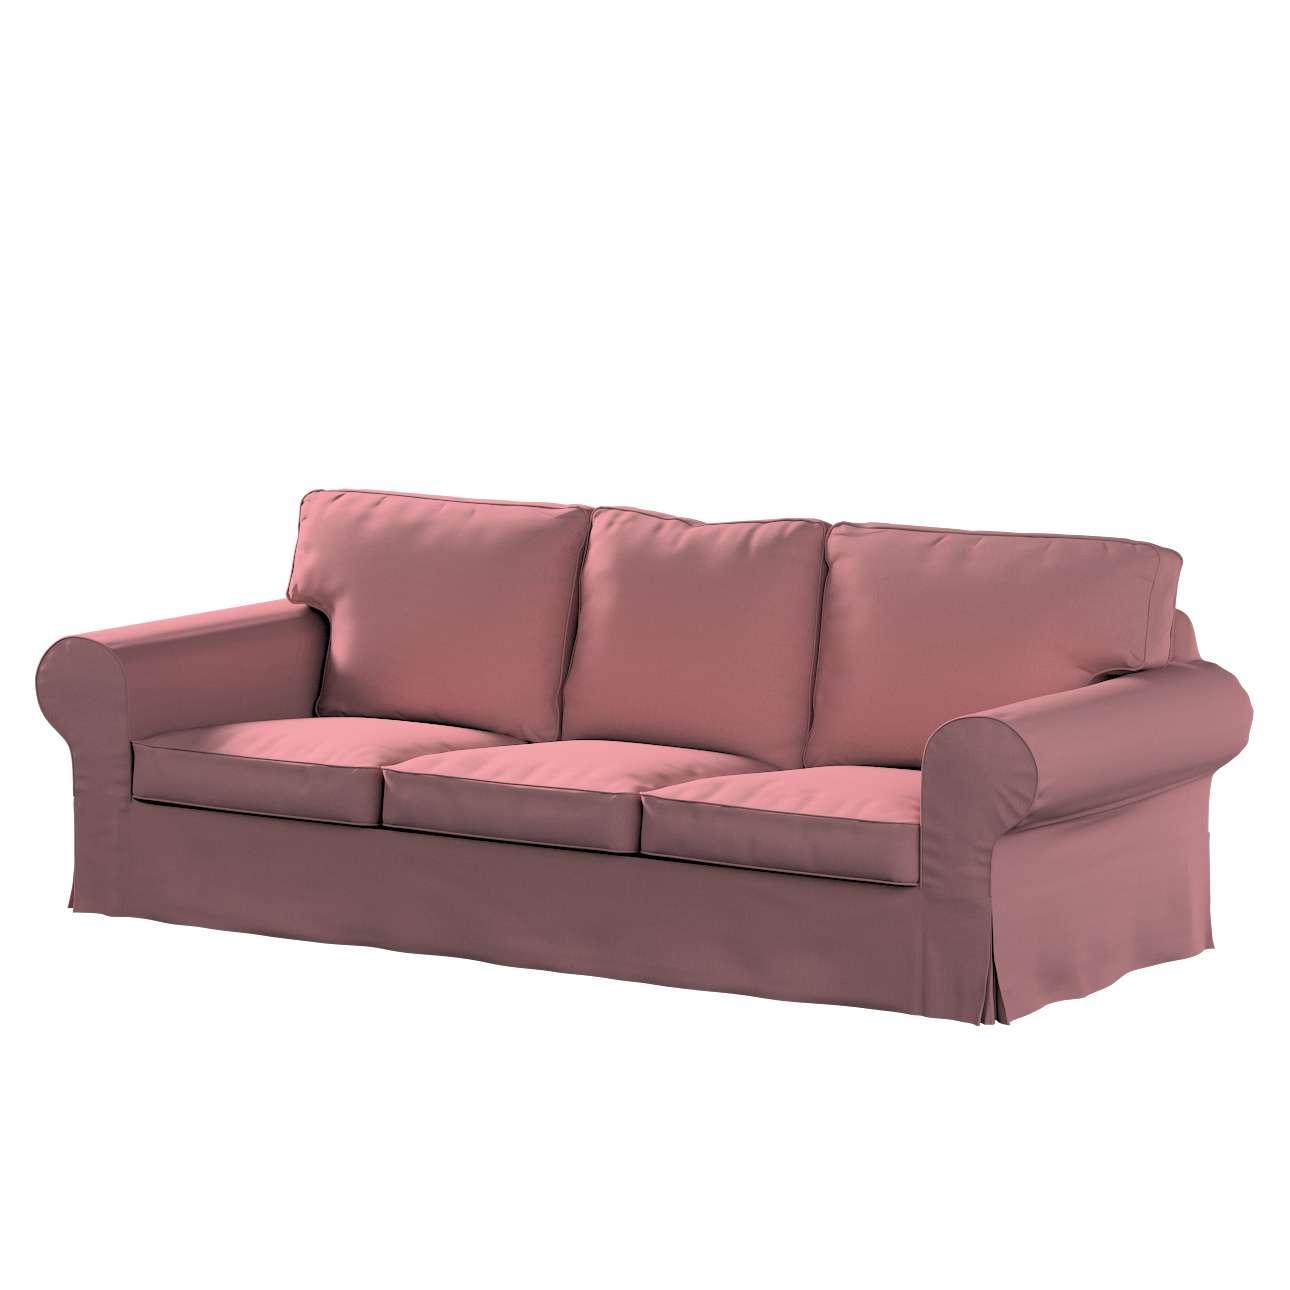 Pokrowiec na sofę Ektorp 3-osobową, nierozkładaną w kolekcji Cotton Panama, tkanina: 702-43